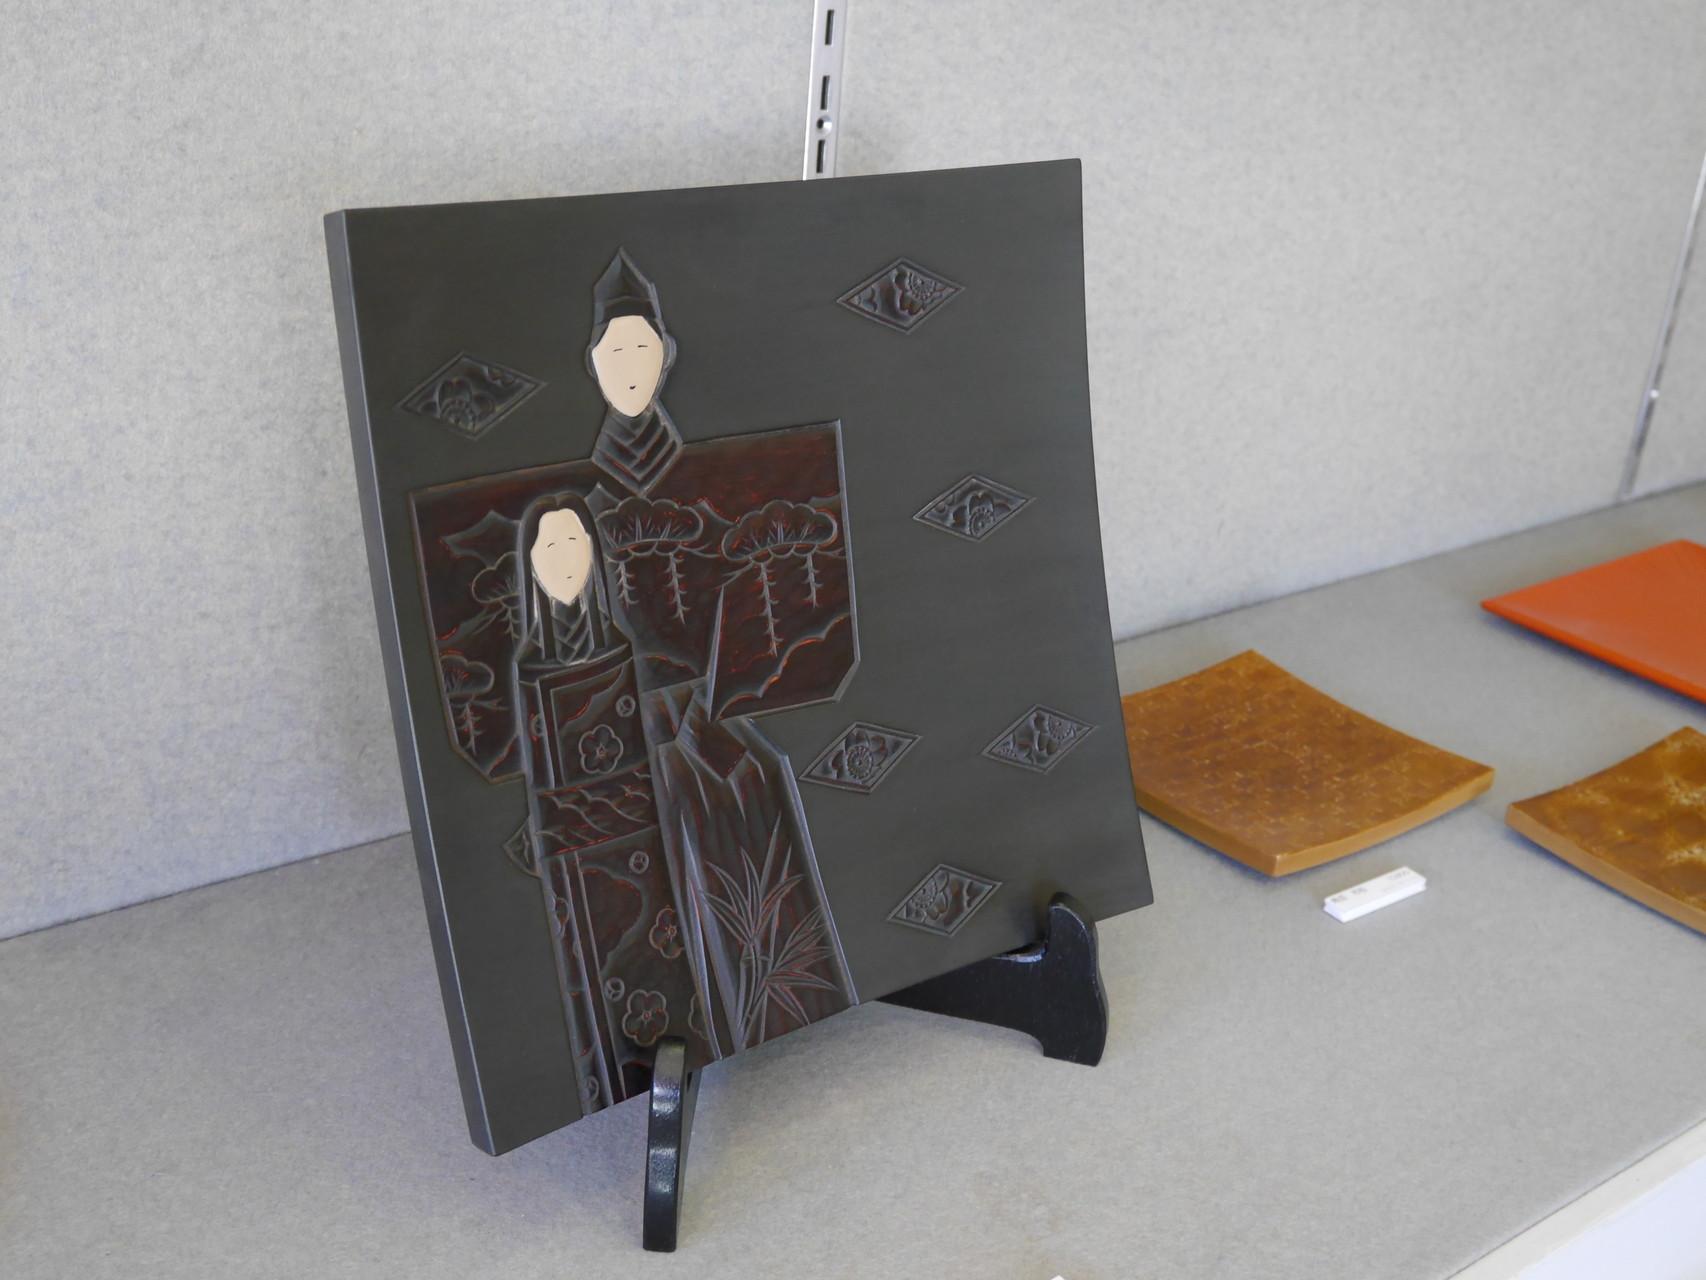 鎌倉彫 立ち雛|鎌倉漆工房いいざさ